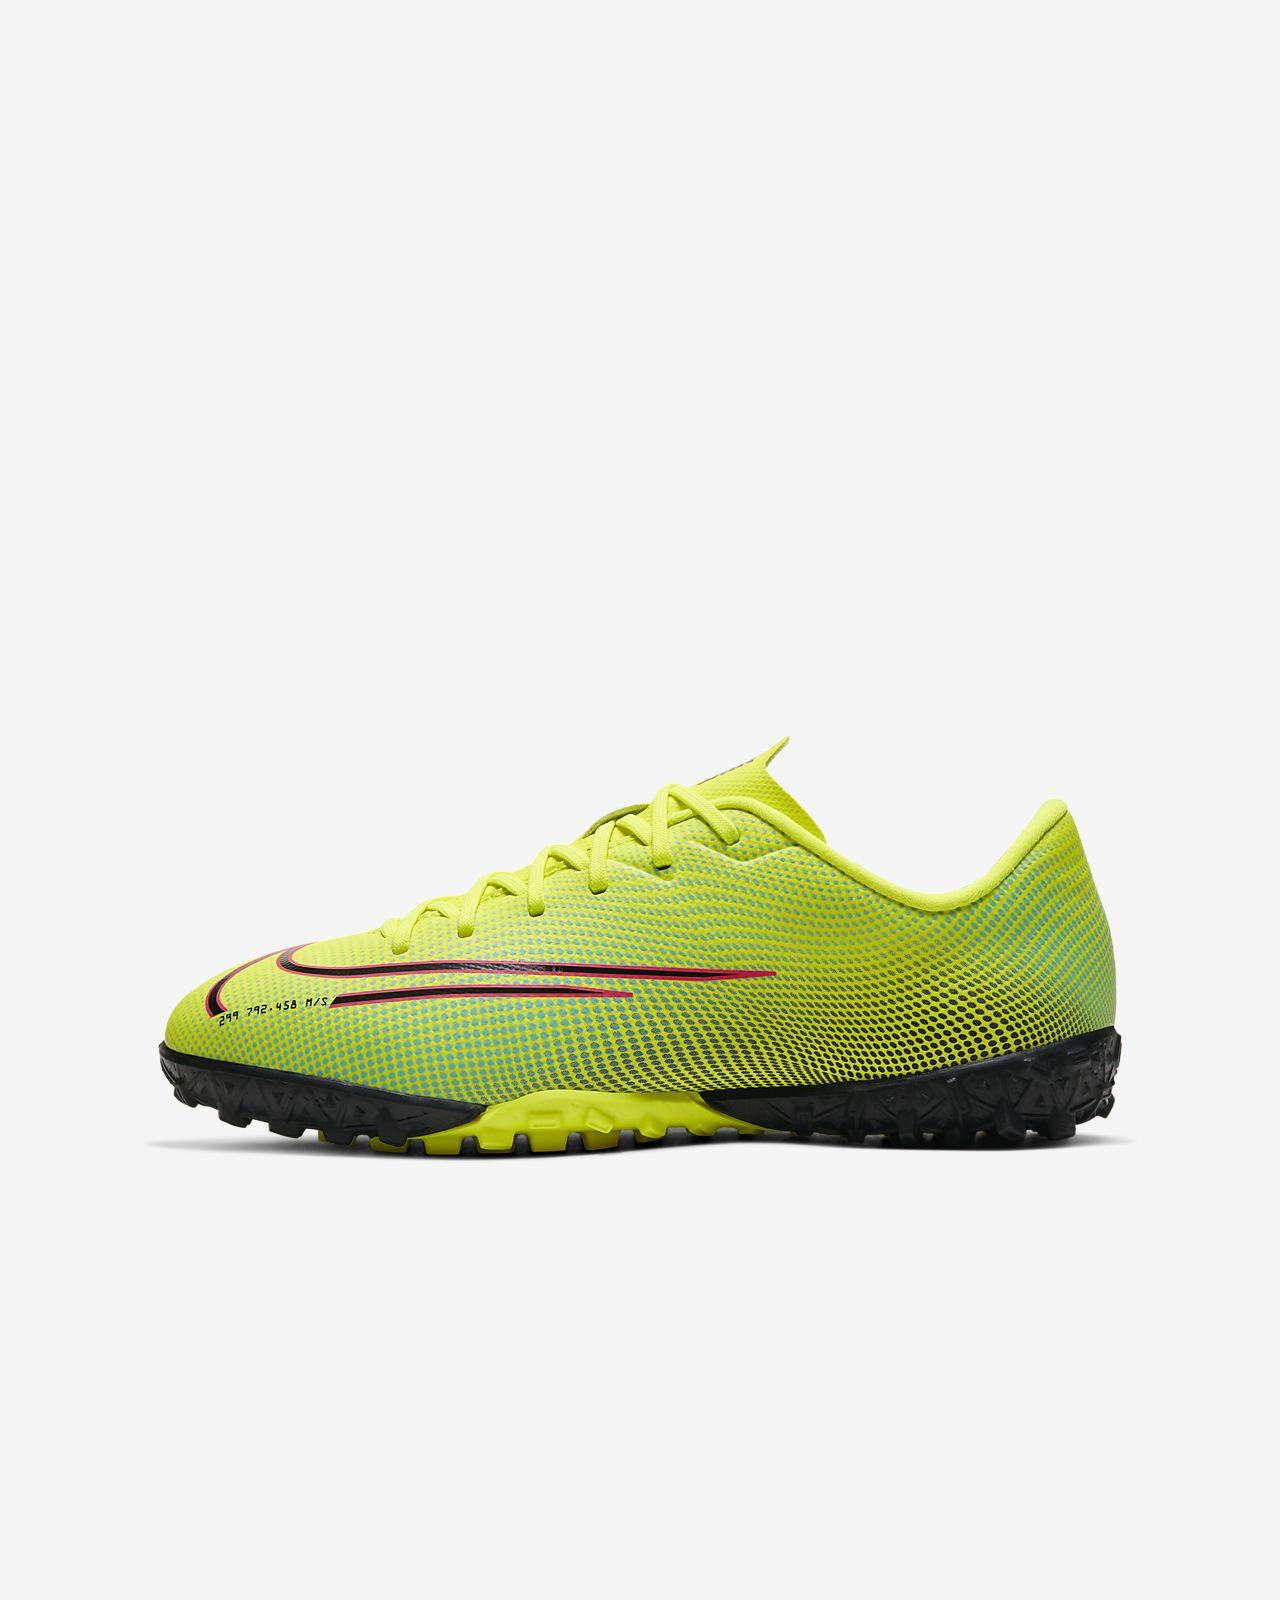 Nike Jr. Mercurial Vapor 13 Academy MDS TF műgyepre készült futballcipő kisebbnagyobb gyerekeknek